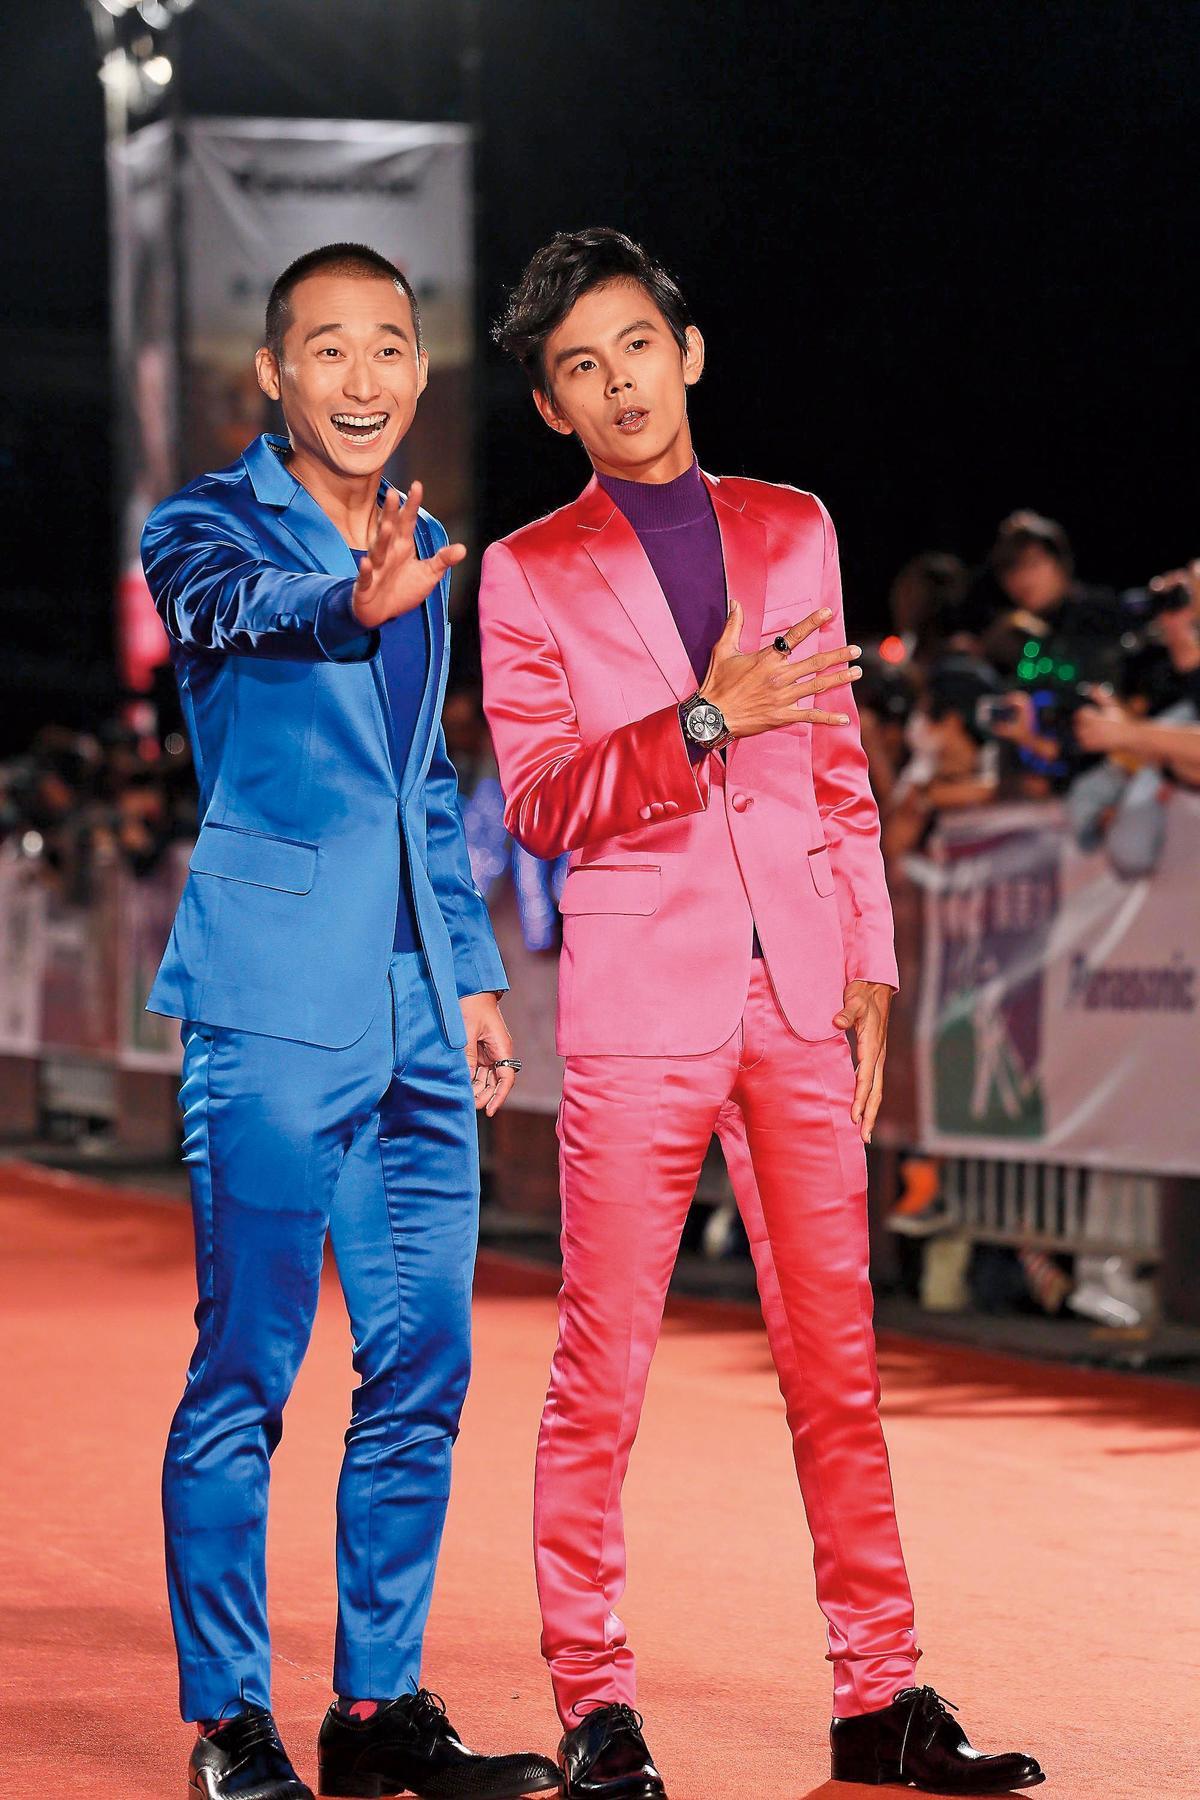 浩子(左)跟阿翔(右)合組的「浩角翔起」,是台灣的諧星天團,小甜甜為了澄清阿翔與謝忻之間「有鬼」的傳言,甚至還爆料謝忻其實對浩子比較有意思。(東方IC)